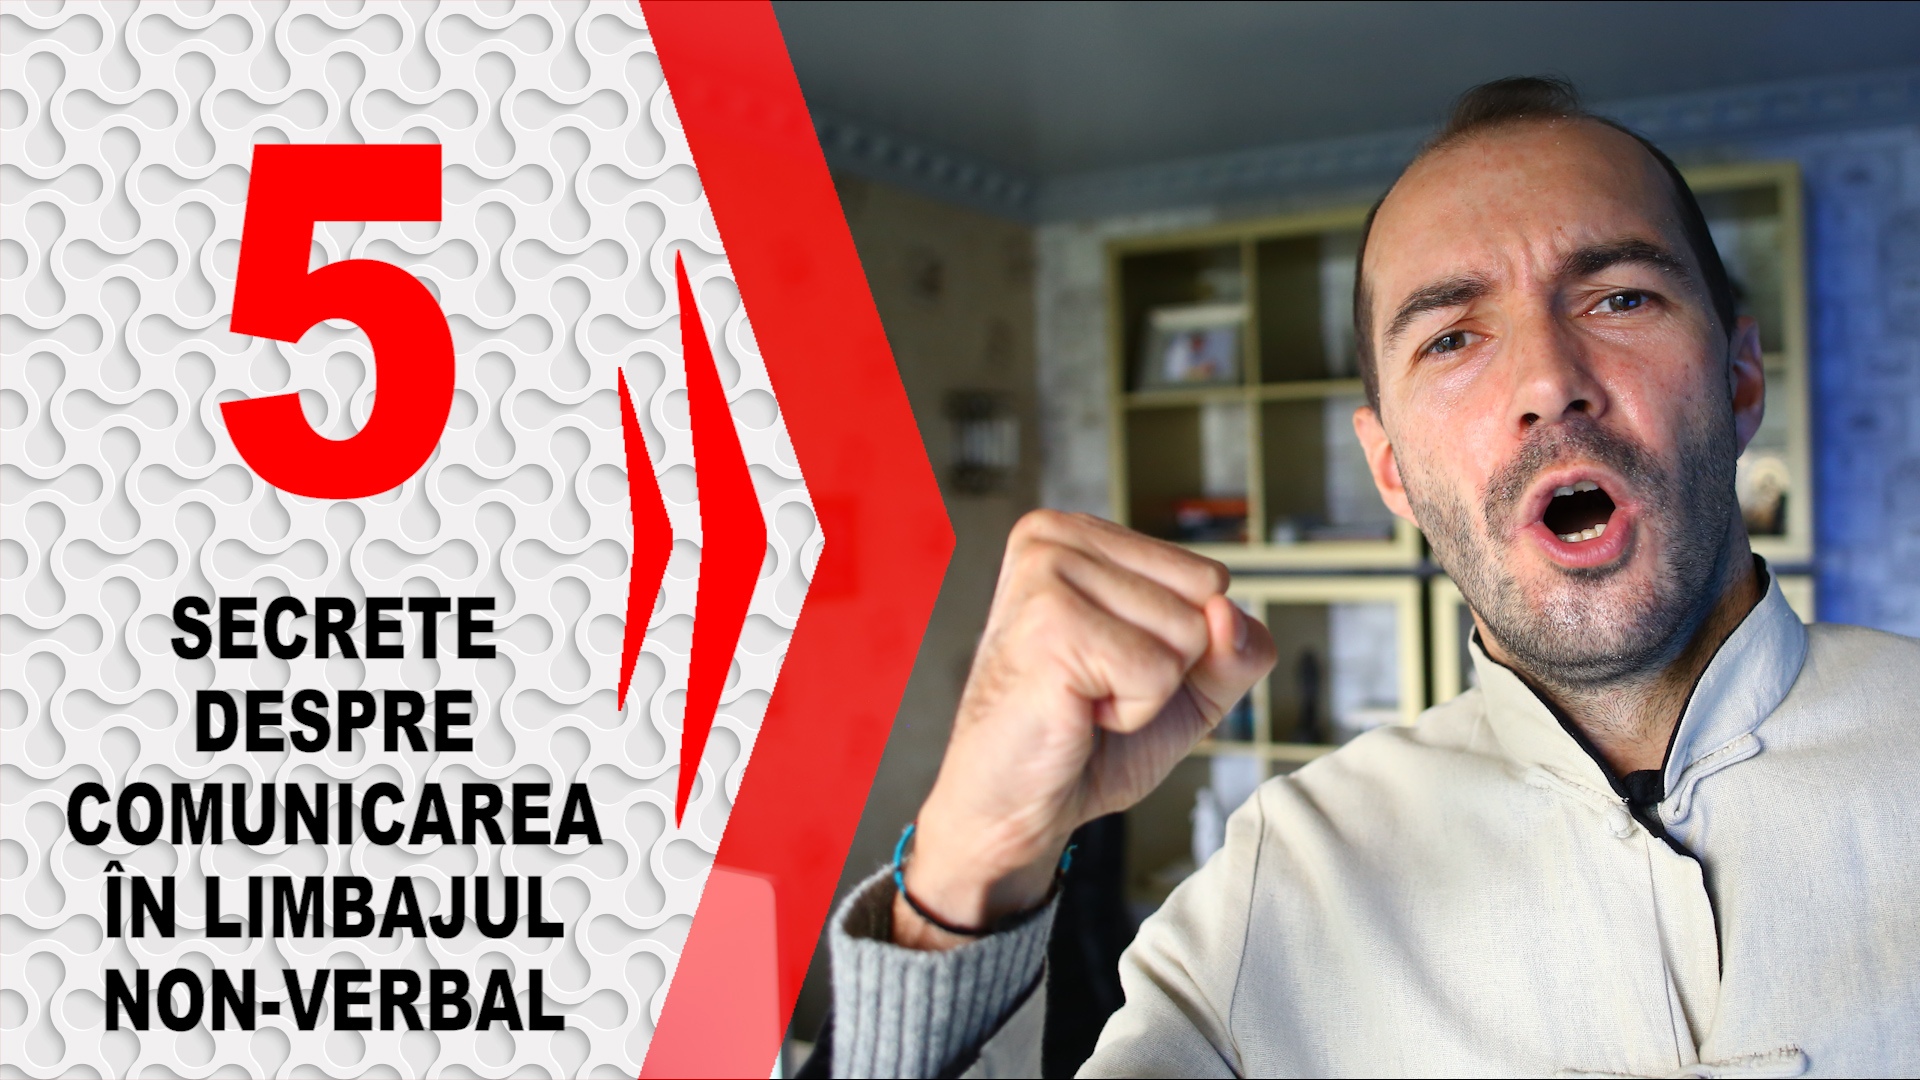 5 Secrete Despre Comunicarea In Limbajul Non-verbal